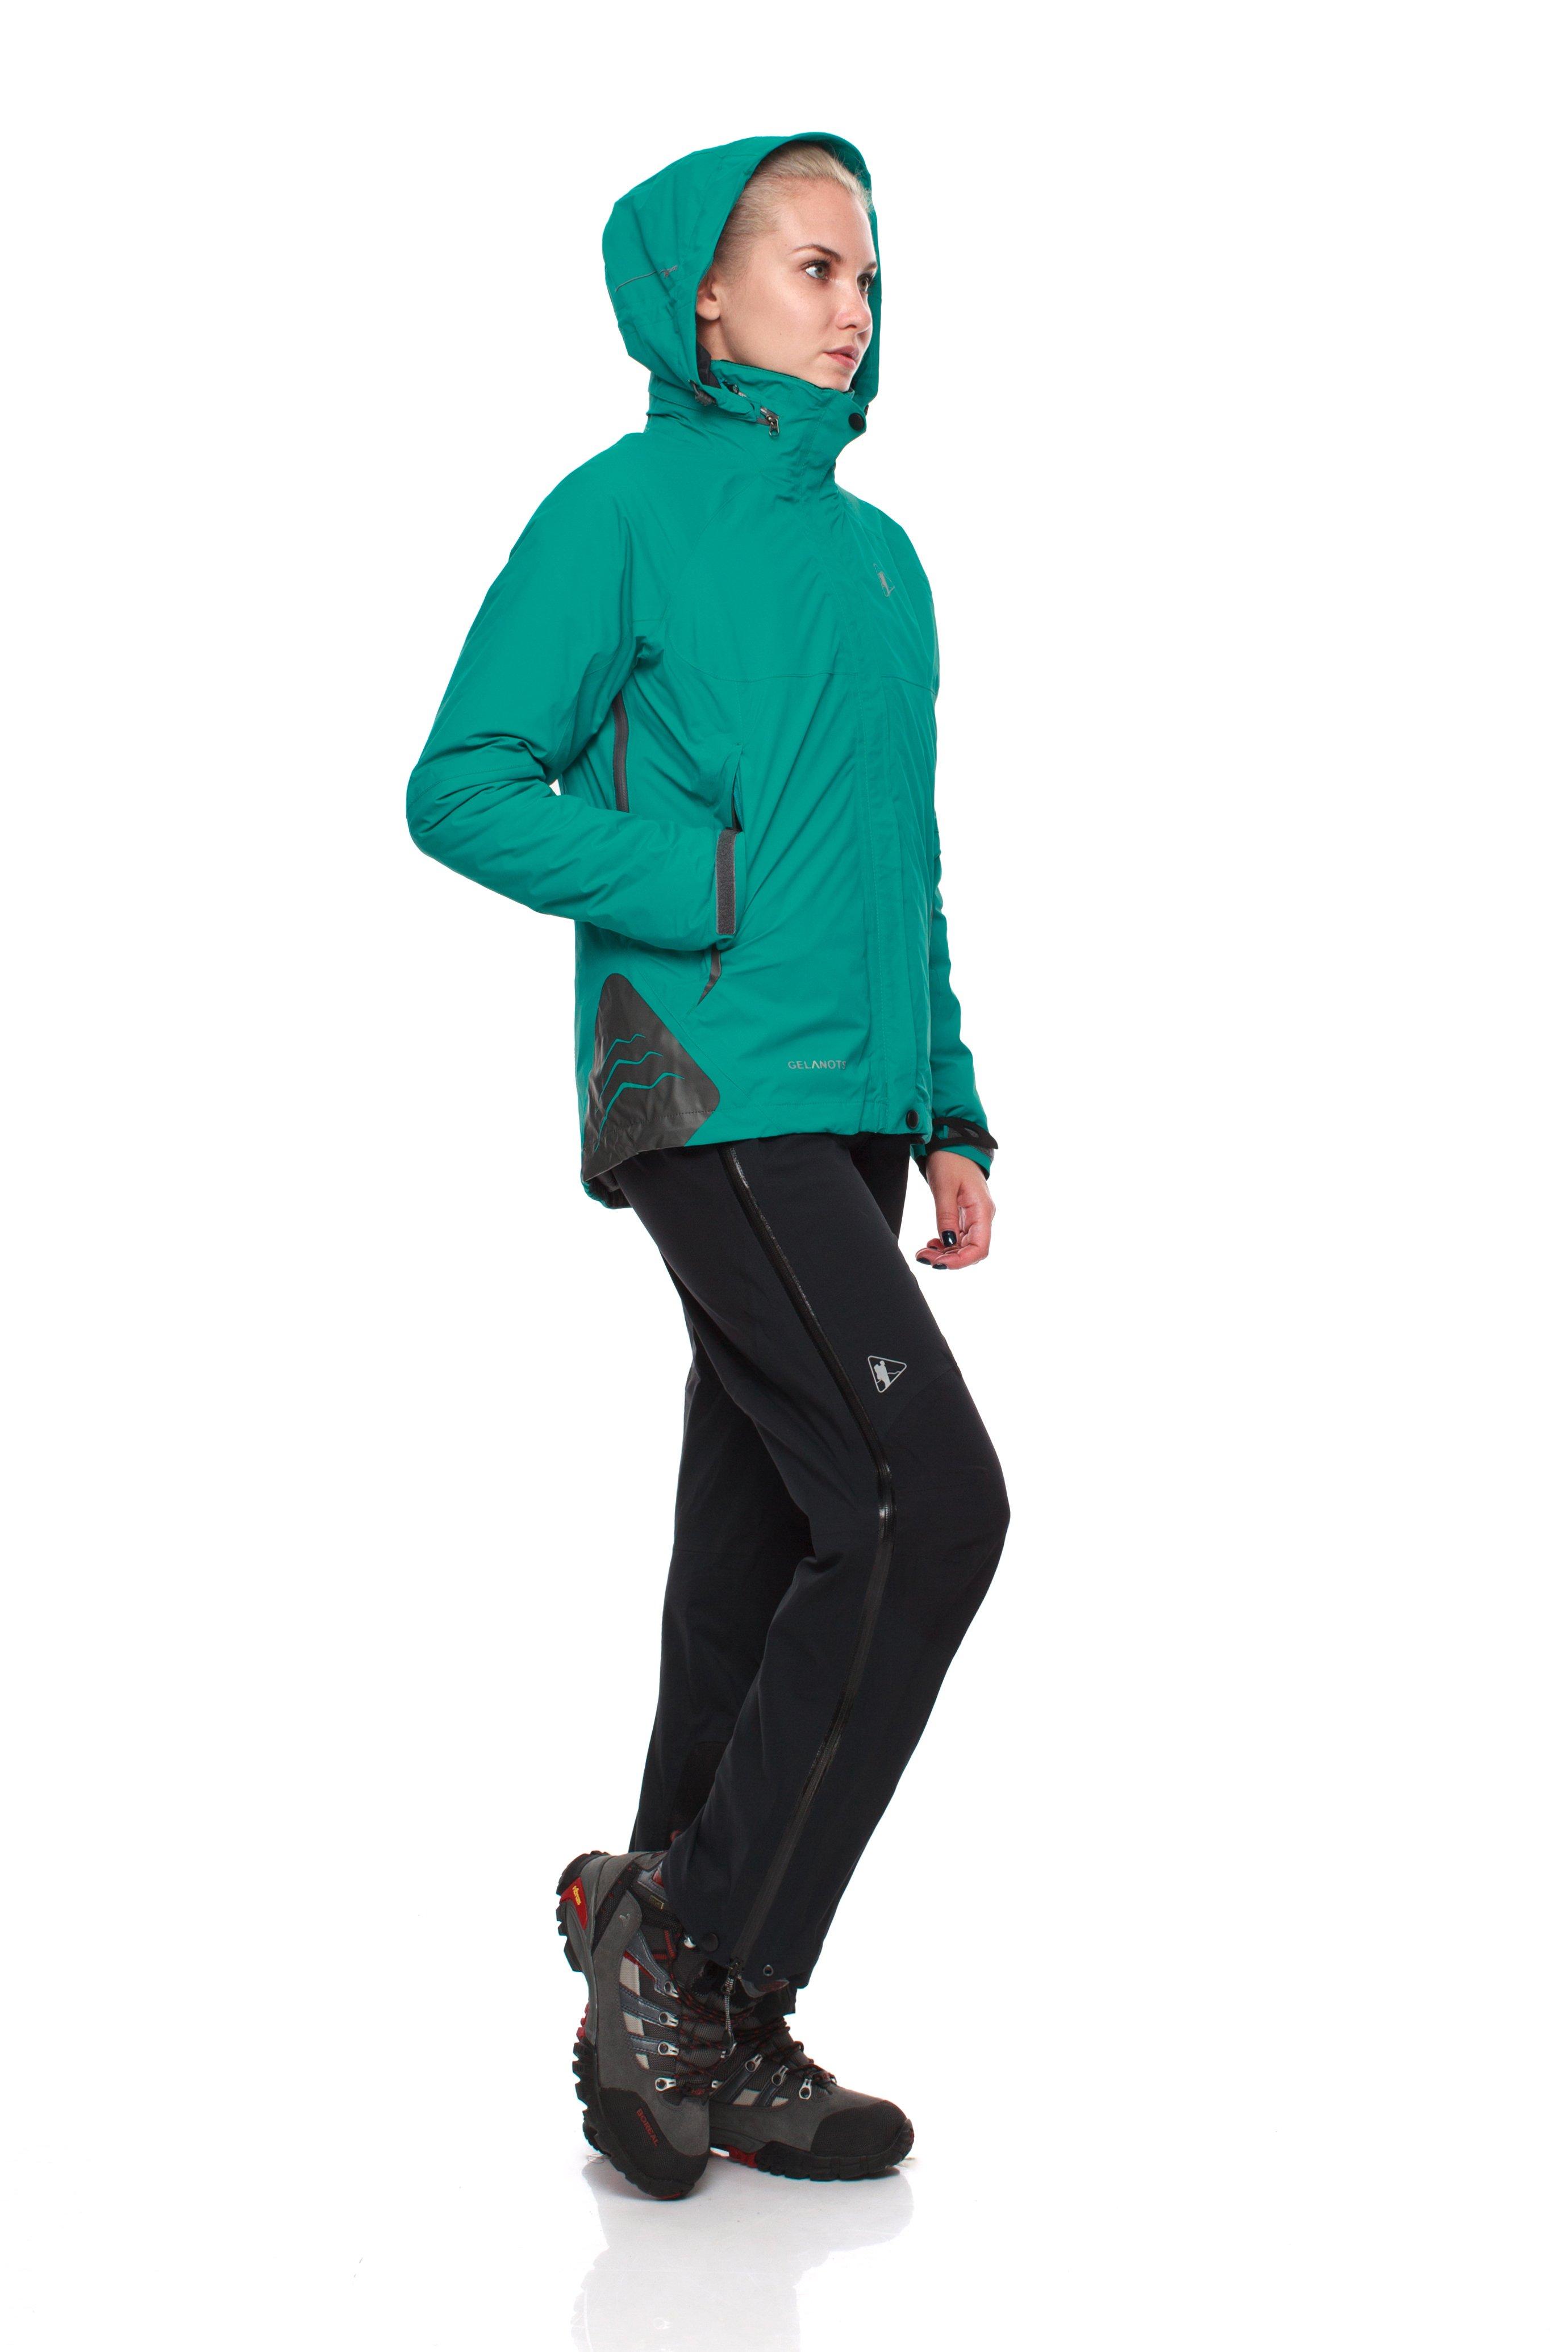 Куртка BASK KAMI LADY 3889Женская куртка два в одном, универсальный комплект для сложных погодных условий: верхняя куртка из мембраной ткани, подстёжка из мягкого флиса.&amp;nbsp;<br><br>Верхняя ткань: Gelanots® 2L<br>Вес граммы: 1430<br>Ветро-влагозащитные свойства верхней ткани: Нет<br>Ветрозащитная планка: Нет<br>Ветрозащитная юбка: Нет<br>Влагозащитные молнии: Нет<br>Внутренние манжеты: Нет<br>Внутренняя ткань: Polyester Mesh, Nylon Taffeta<br>Дублирующий центральную молнию клапан: Нет<br>Защитный козырёк капюшона: Нет<br>Карман для средств связи: Нет<br>Объемный крой локтевой зоны: Нет<br>Отстёгивающиеся рукава: Нет<br>Пол: Жен.<br>Проклейка швов: Нет<br>Регулировка манжетов рукавов: Нет<br>Регулировка низа: Нет<br>Регулировка объёма капюшона: Нет<br>Регулировка талии: Нет<br>Регулируемые вентиляционные отверстия: Нет<br>Световозвращающая лента: Нет<br>Технология Thermal Welding: Нет<br>Усиление контактных зон: Нет